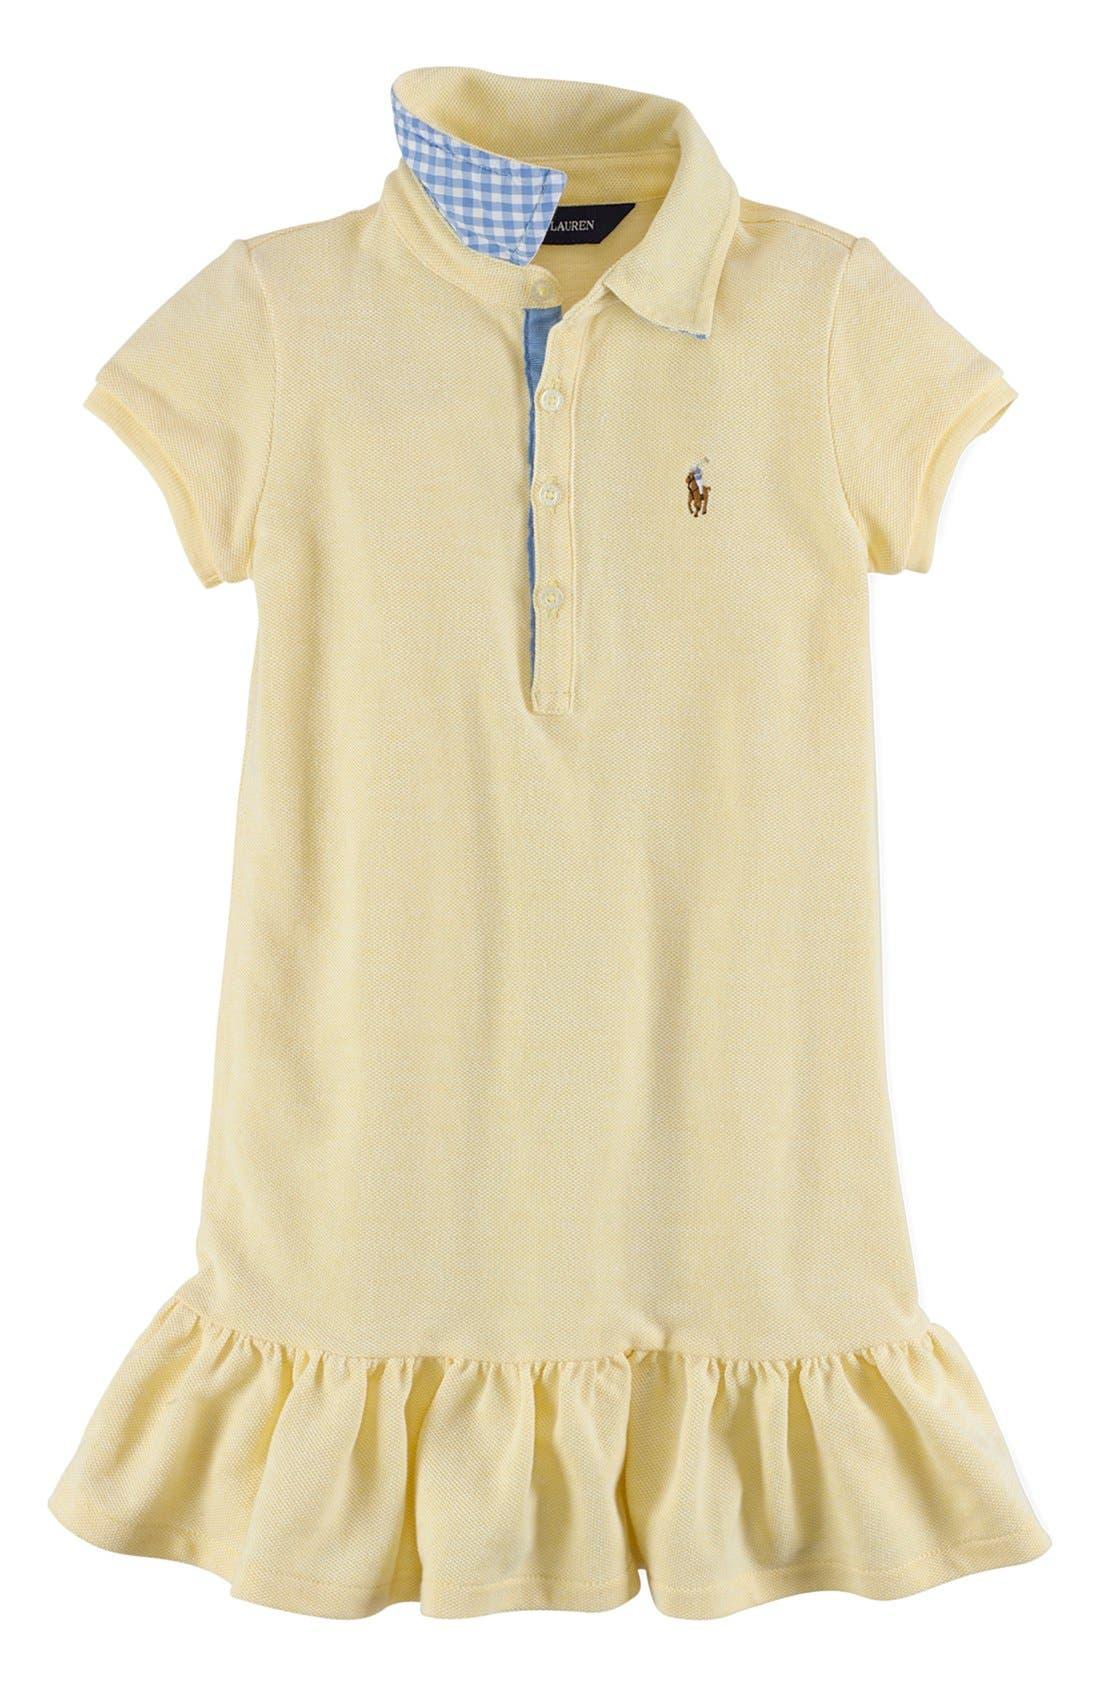 Alternate Image 1 Selected - Ralph Lauren Polo Dress (Toddler Girls)